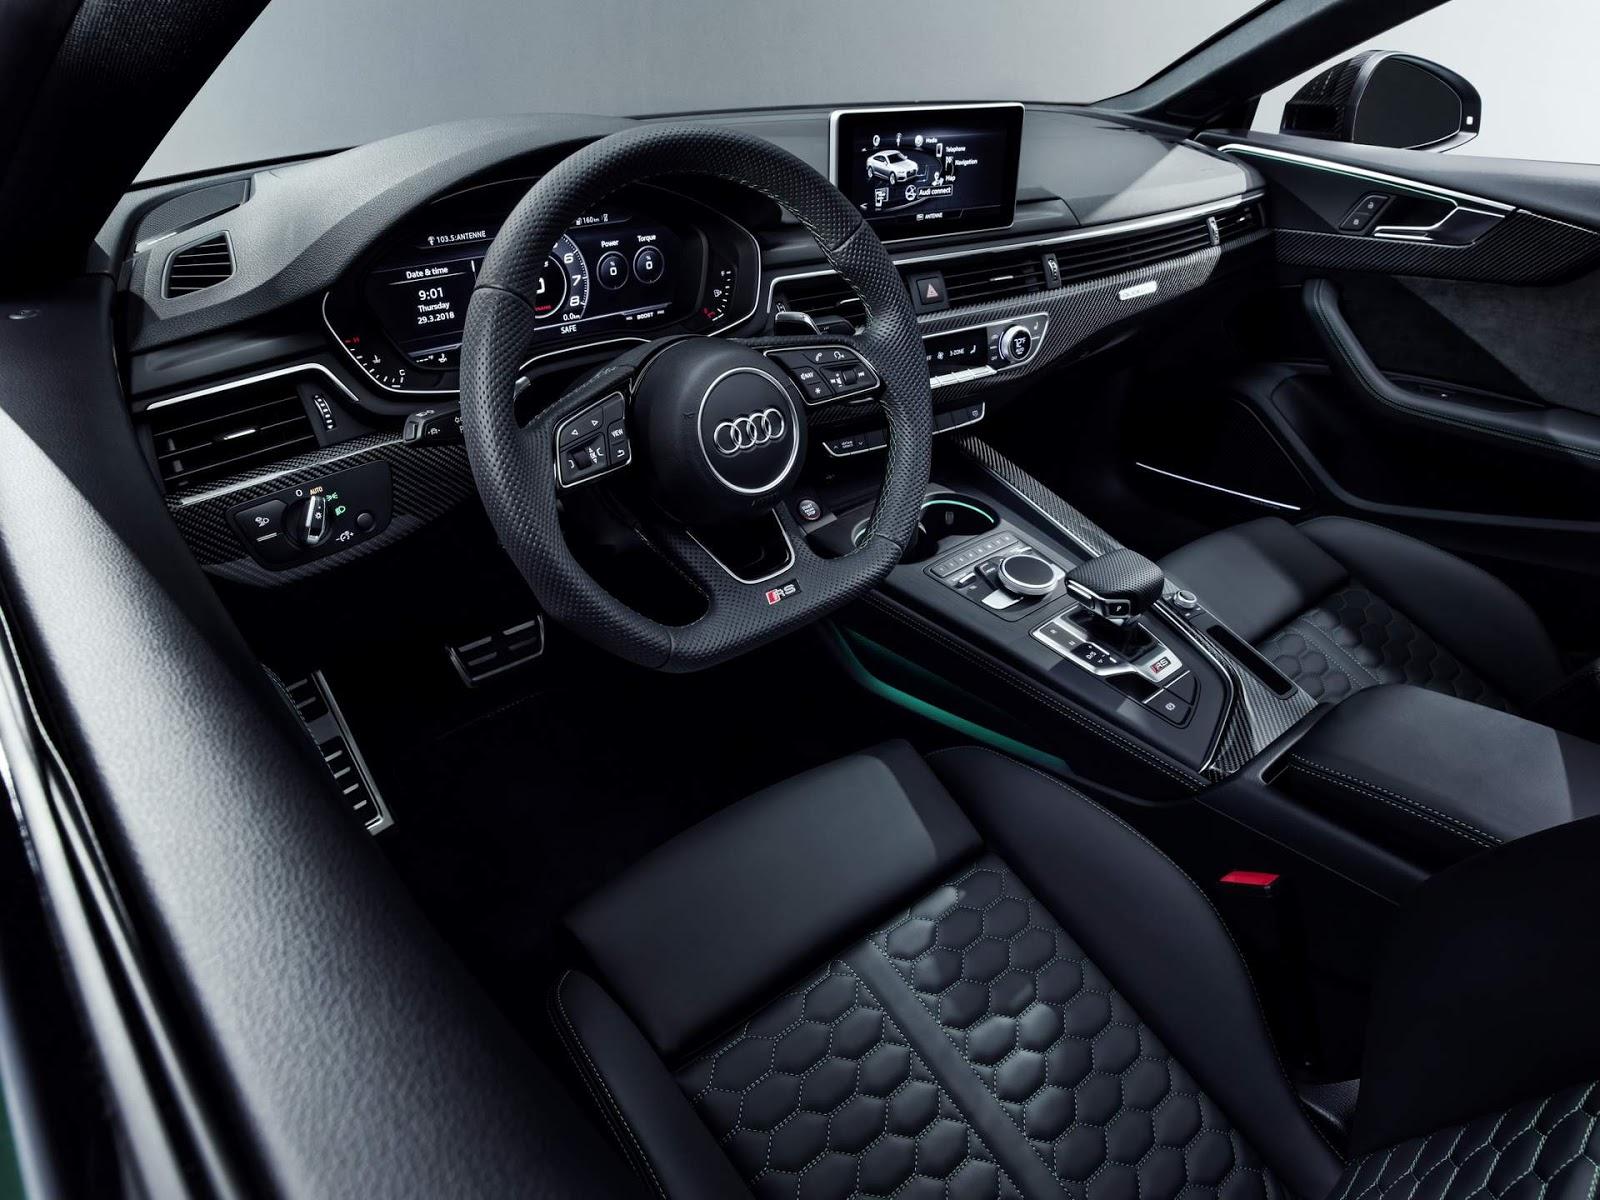 Audi RS5 Sportback precificado em 82.700 euros - Europa | CAR.BLOG.BR